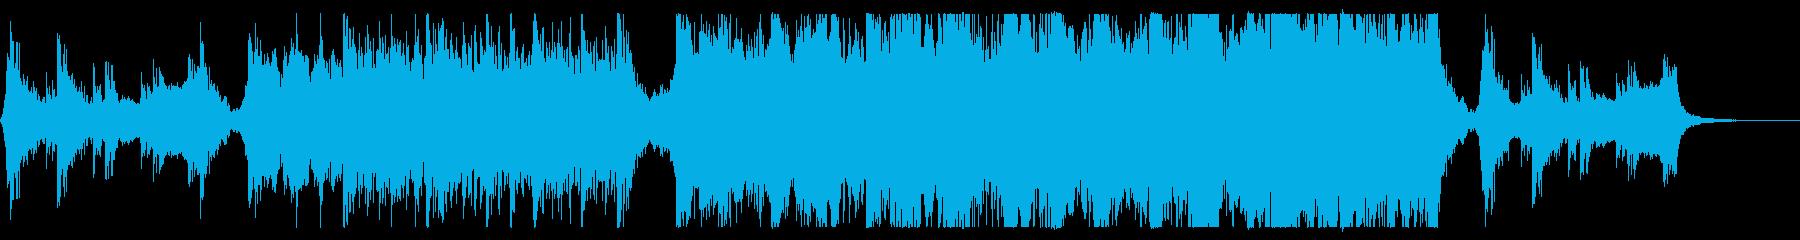 ハリウッド映画風の壮大オーケストラ12の再生済みの波形